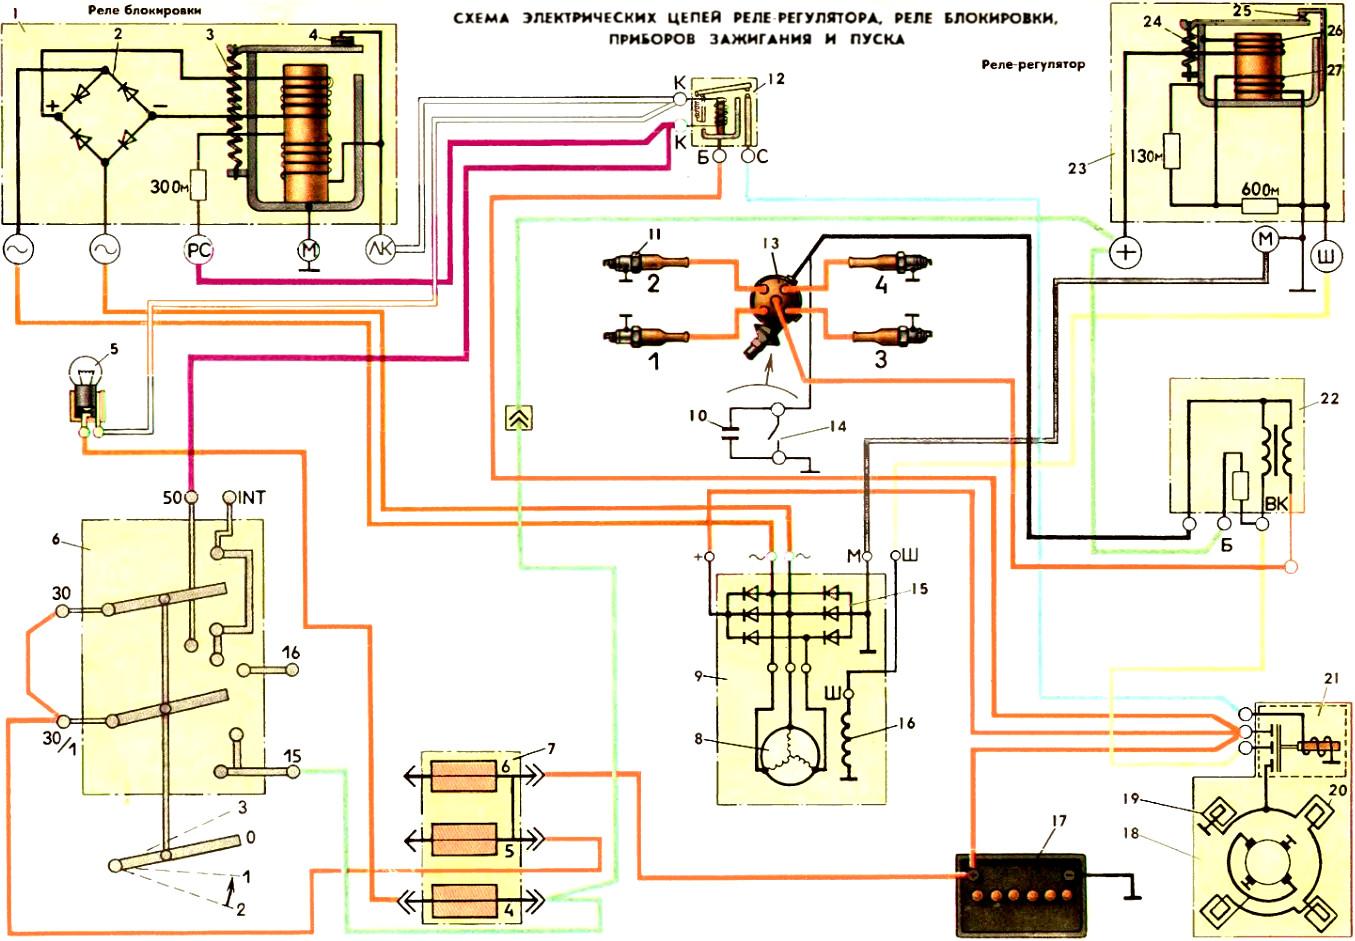 куда подключить лампочку на генератор таврии